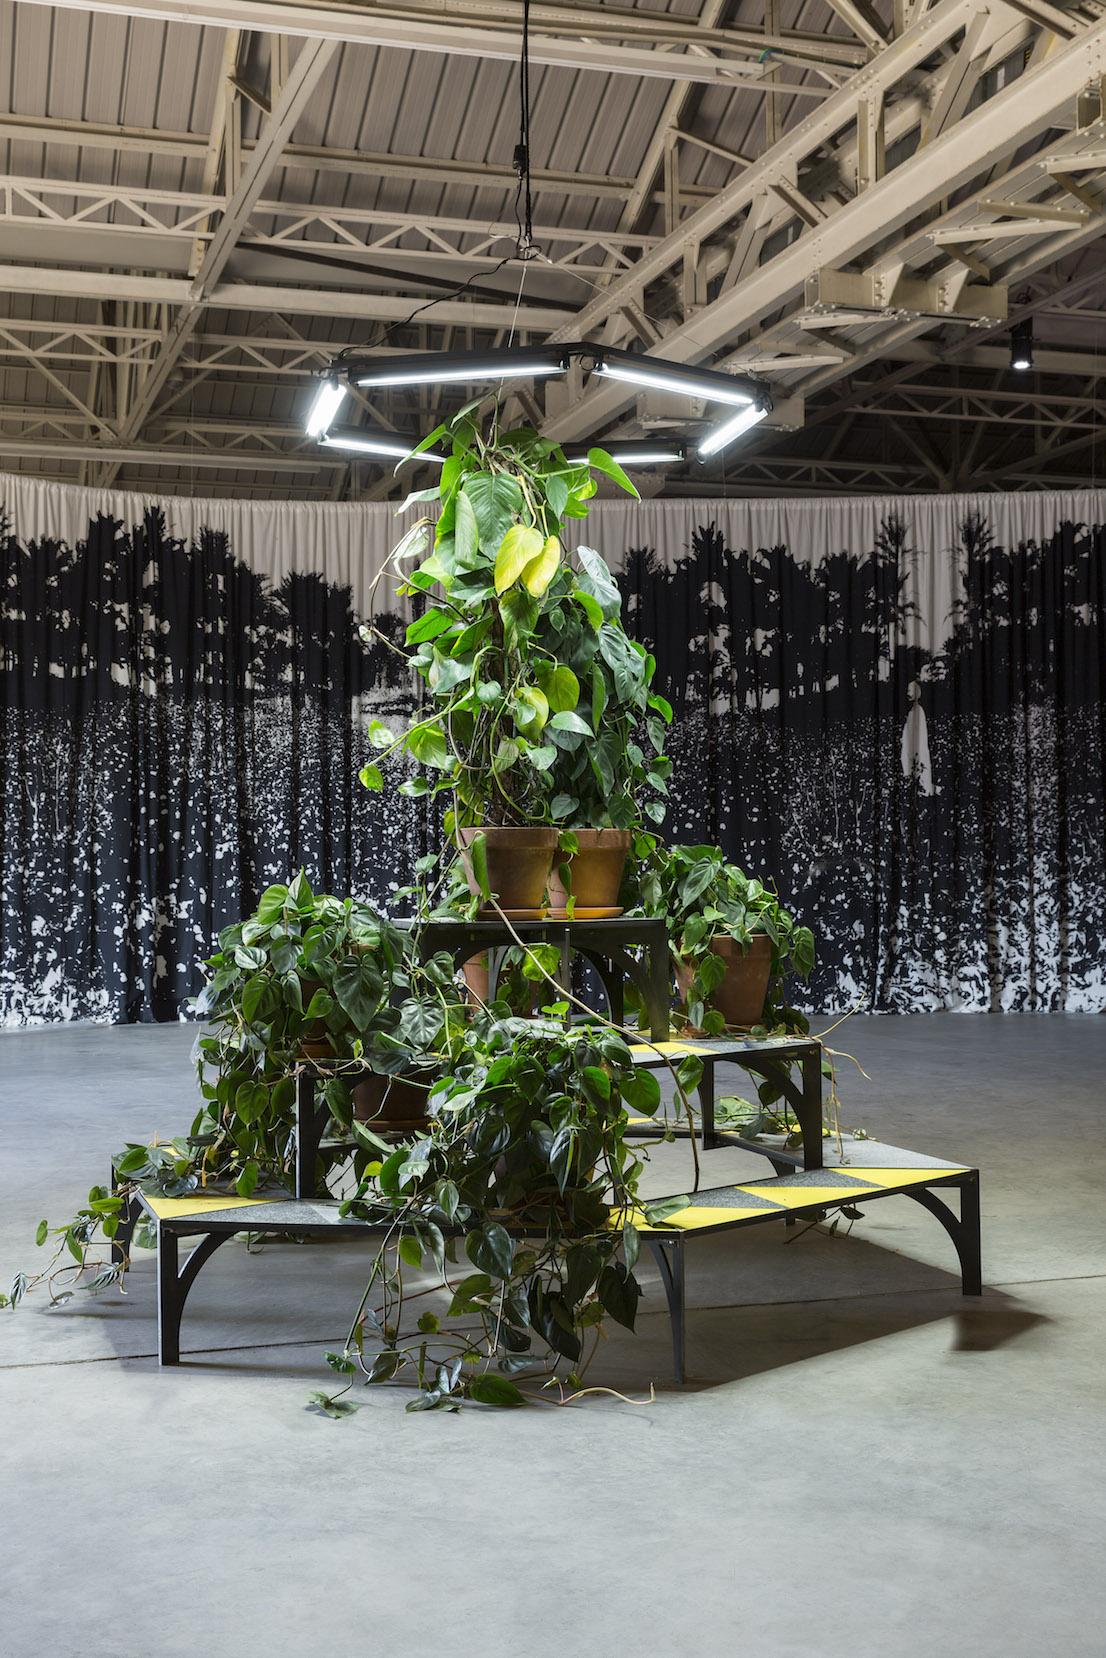 Celine Condorelli, A Bras Le Corps – with Philodendron (to Amalia Pica), 2014. Courtesy l'artista, Fondazione HangarBicocca, Milano. Foto Agostino Osio.